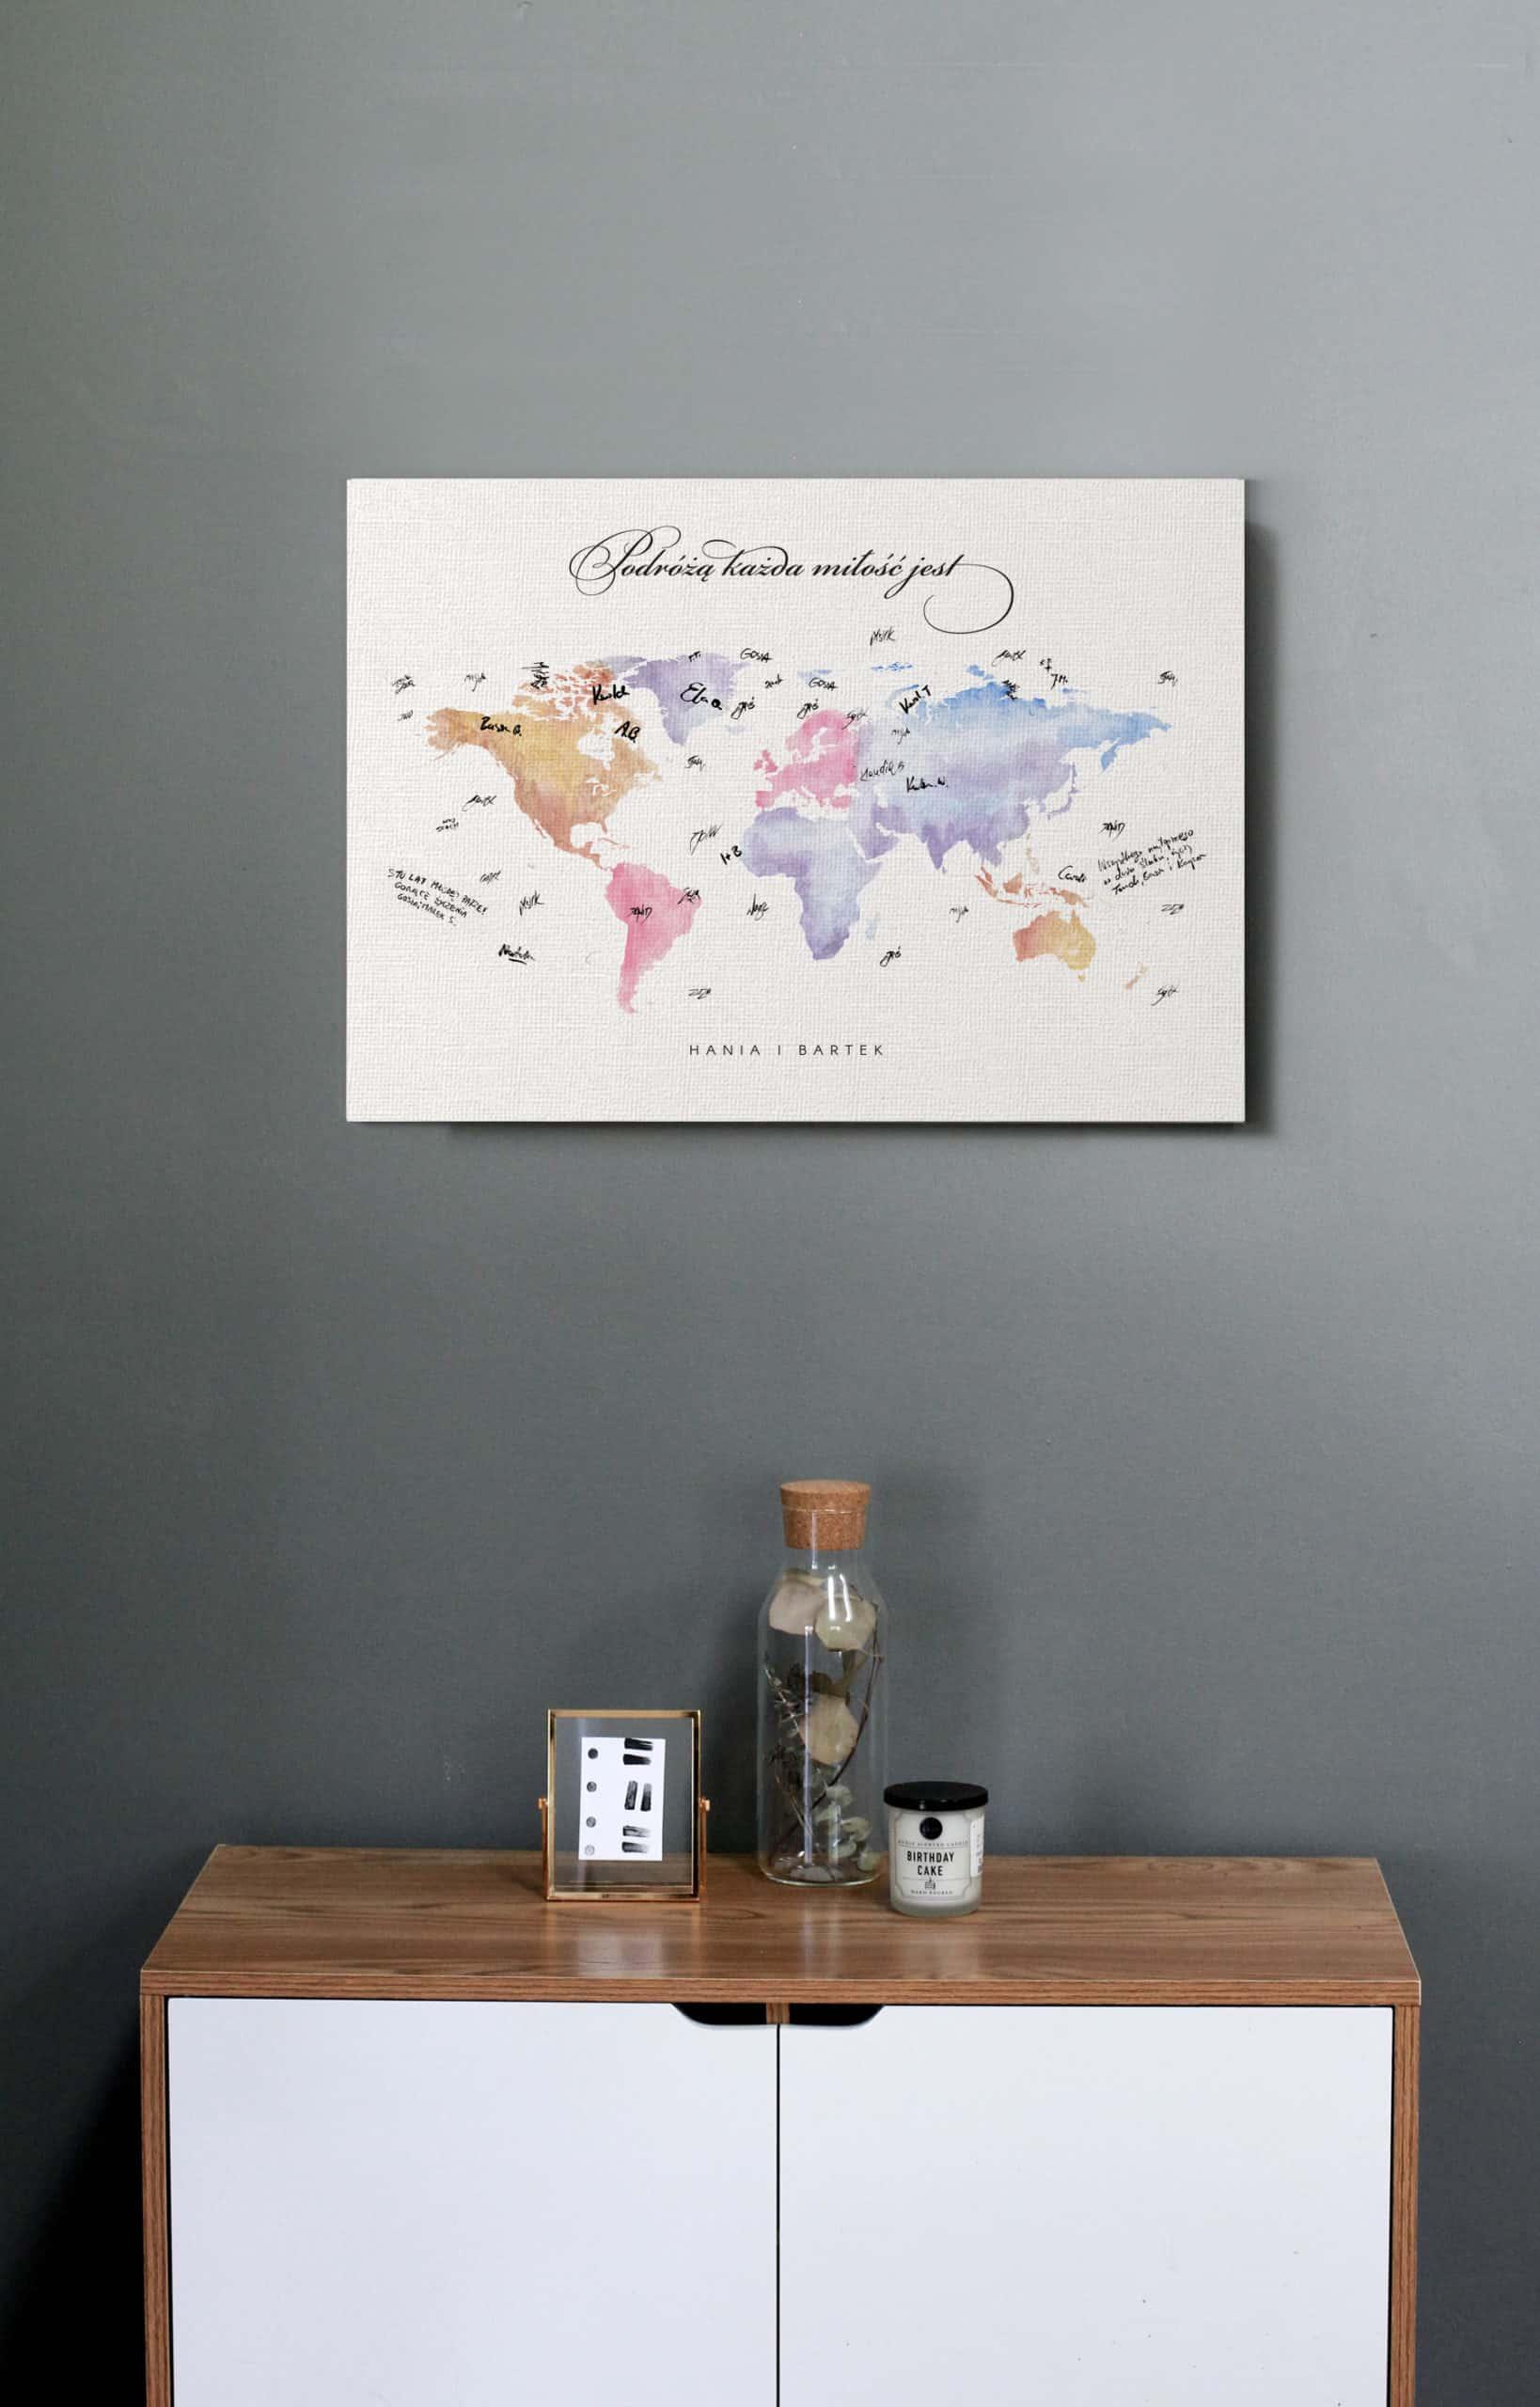 Księga gości z akwarelową mapą świata w pastelowych kolorach